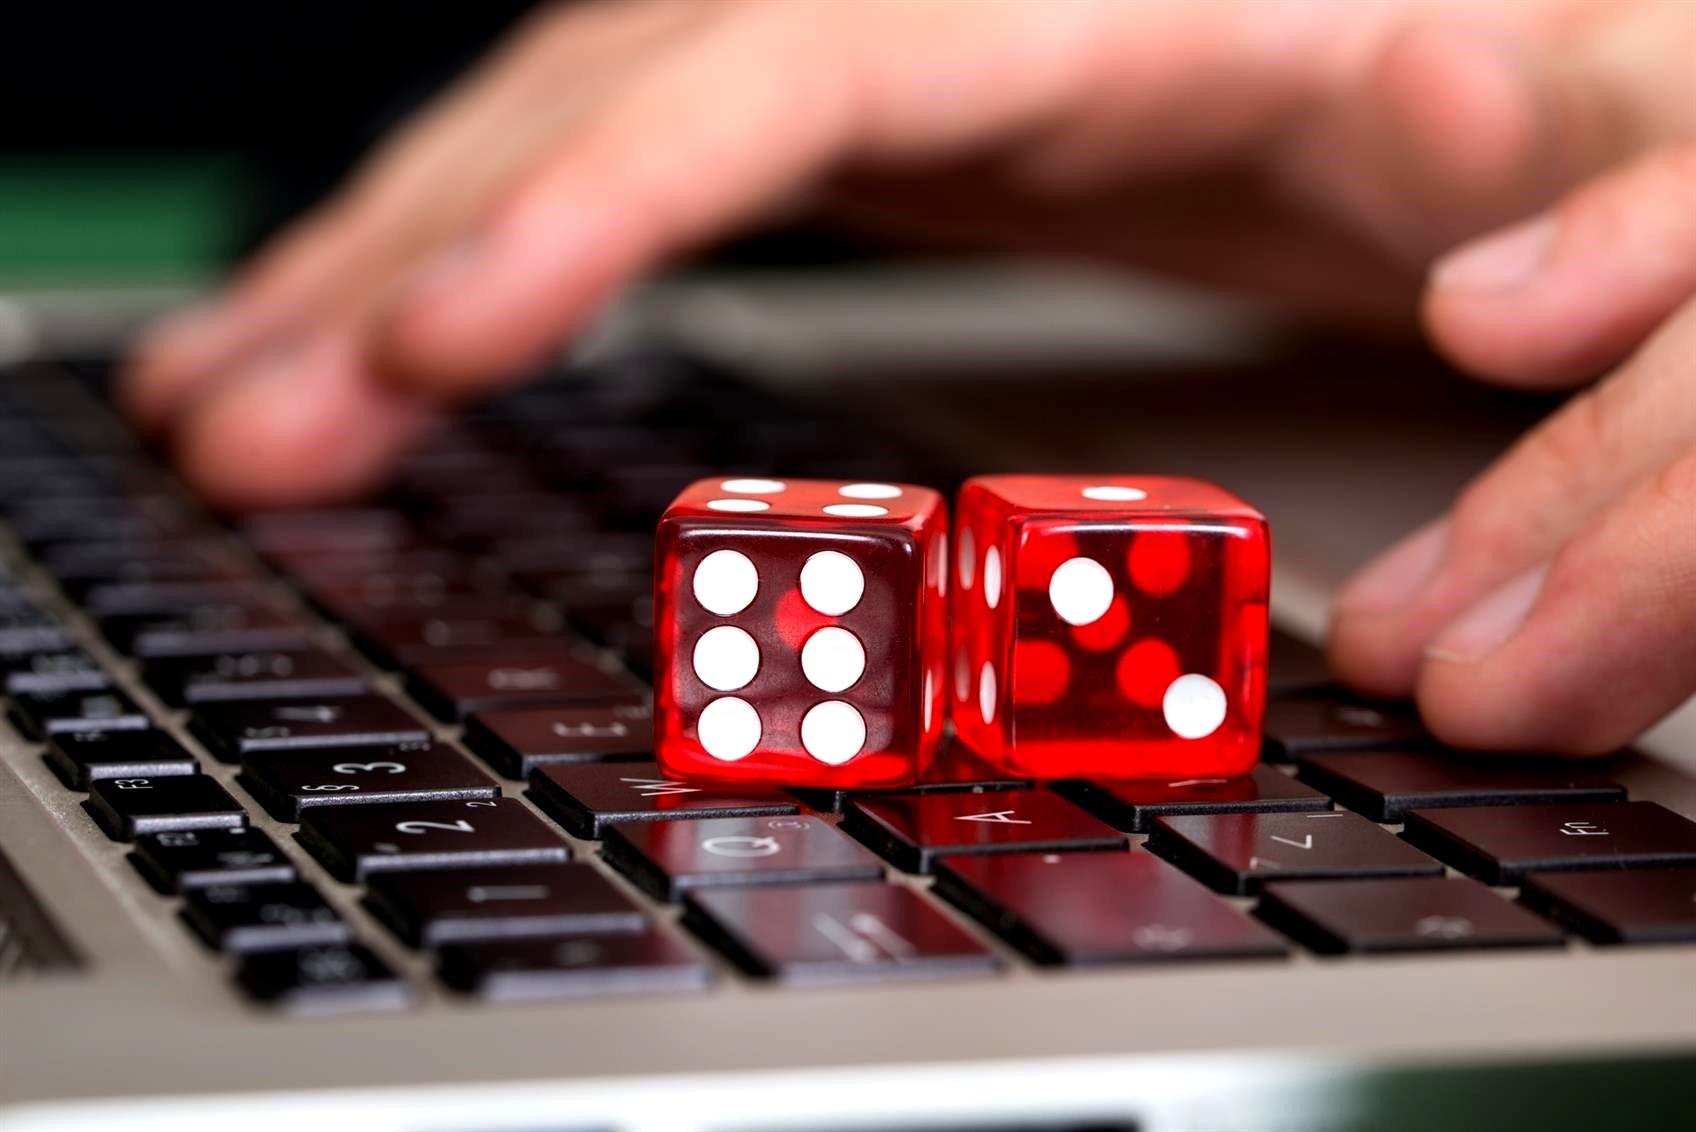 Gambling vertical review